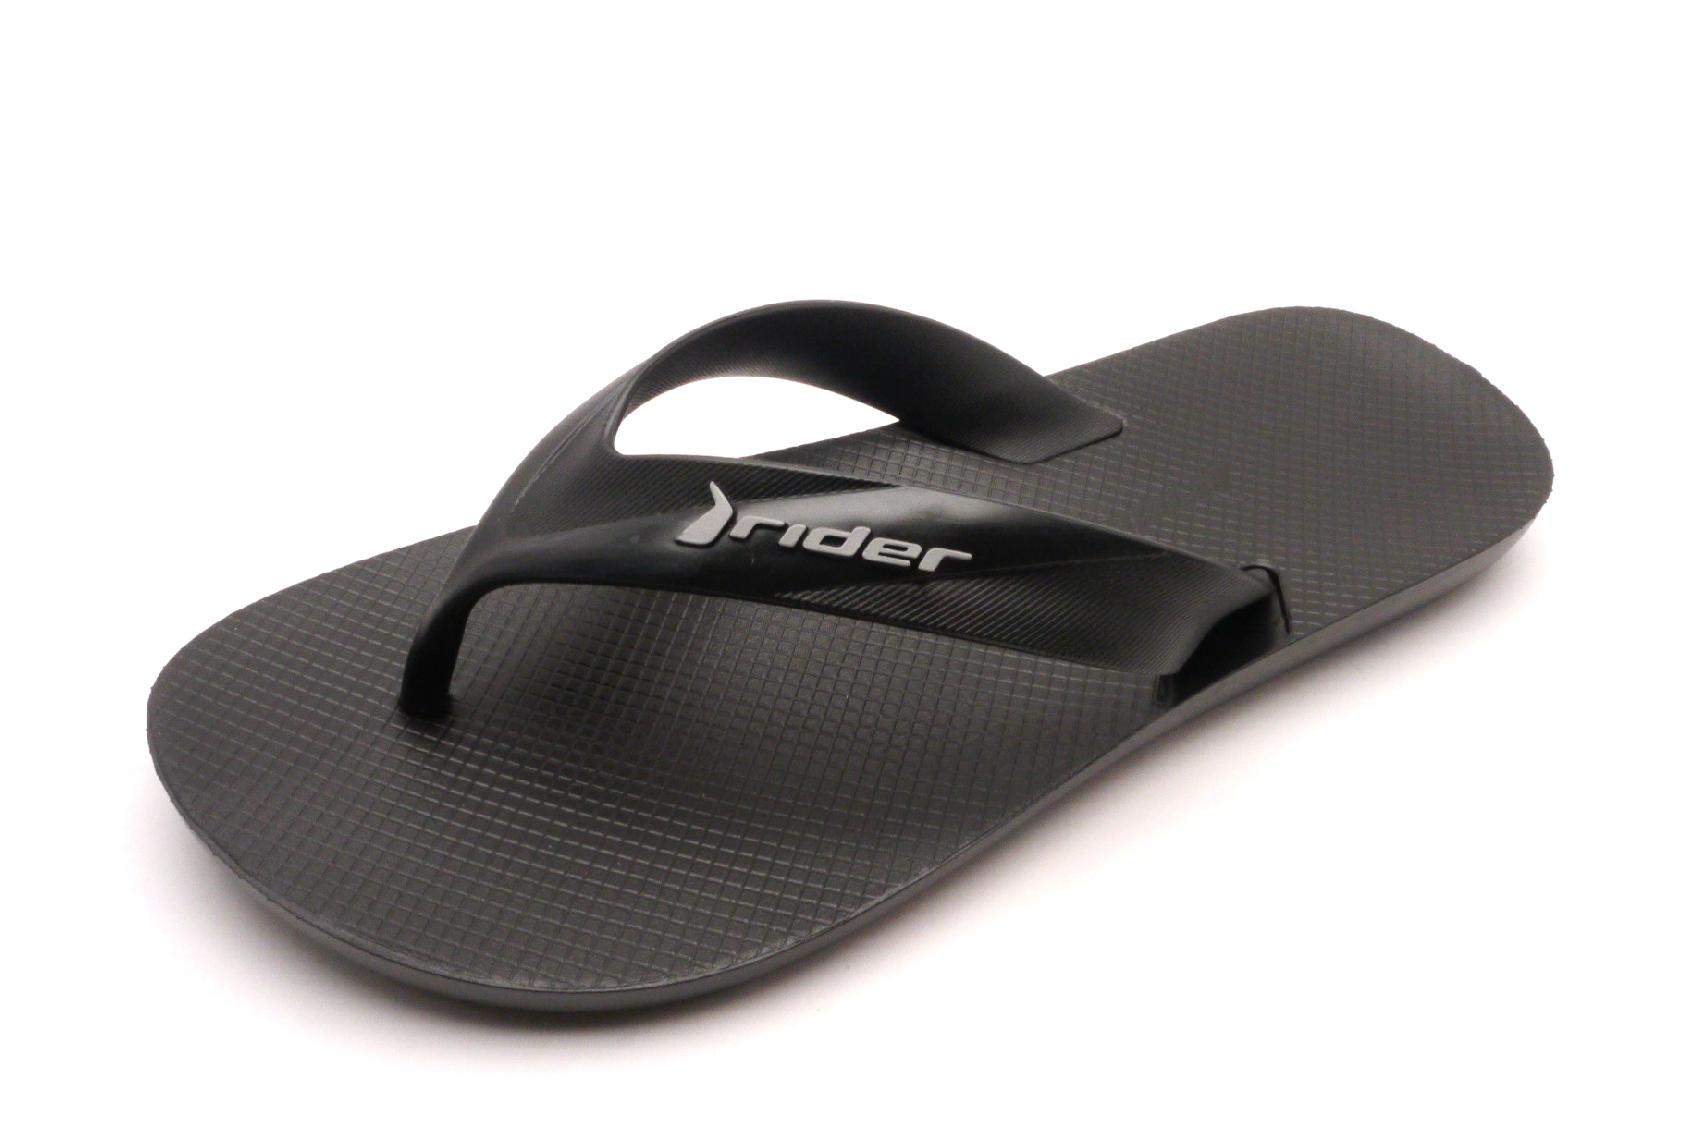 Pánské pantofle Rider 81666 Velikost: 39-40